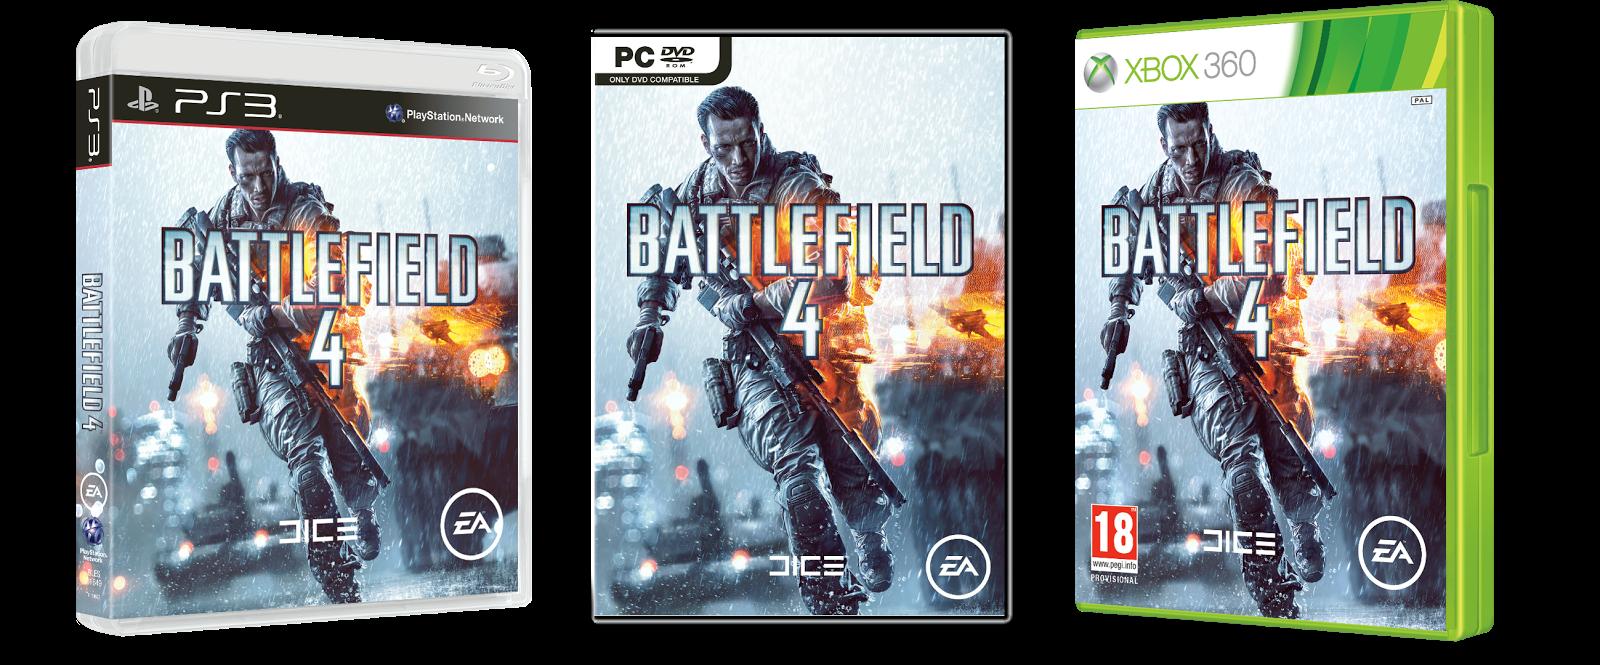 battlefield 3 xbox 360 hack download